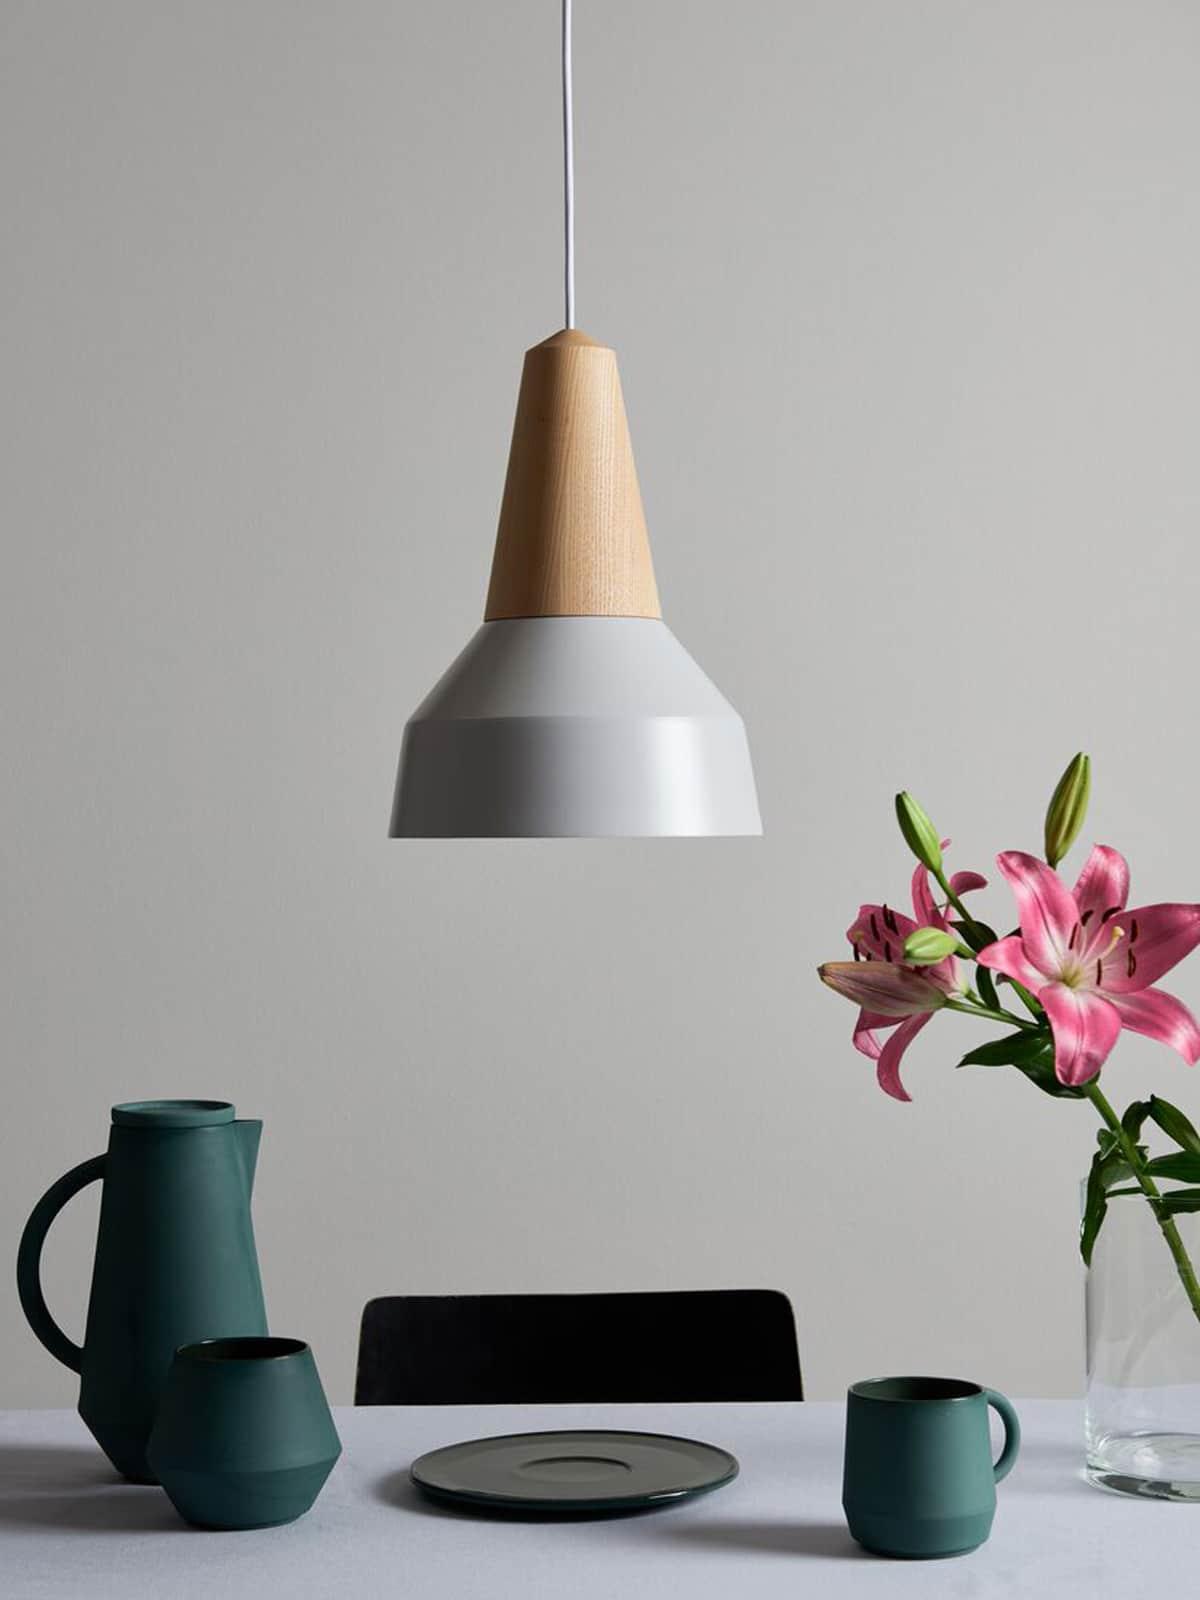 Pendel Lampe Eikon Basic nachhaltiges Design von Schneid